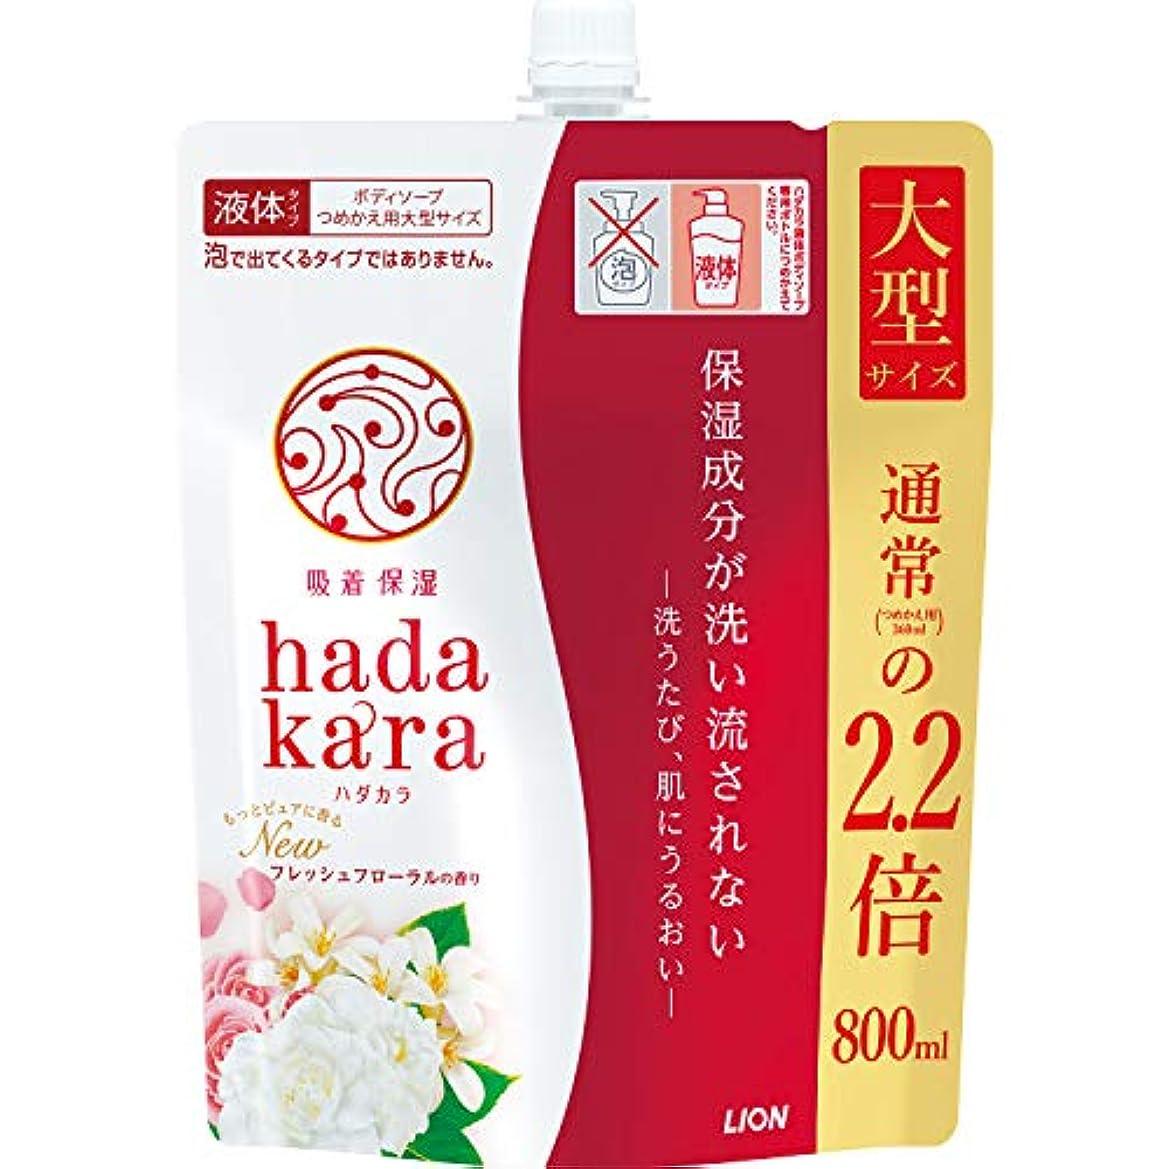 消える首謀者マイクロプロセッサhadakara(ハダカラ) ボディソープ フレッシュフローラルの香り つめかえ用大型サイズ 800ml